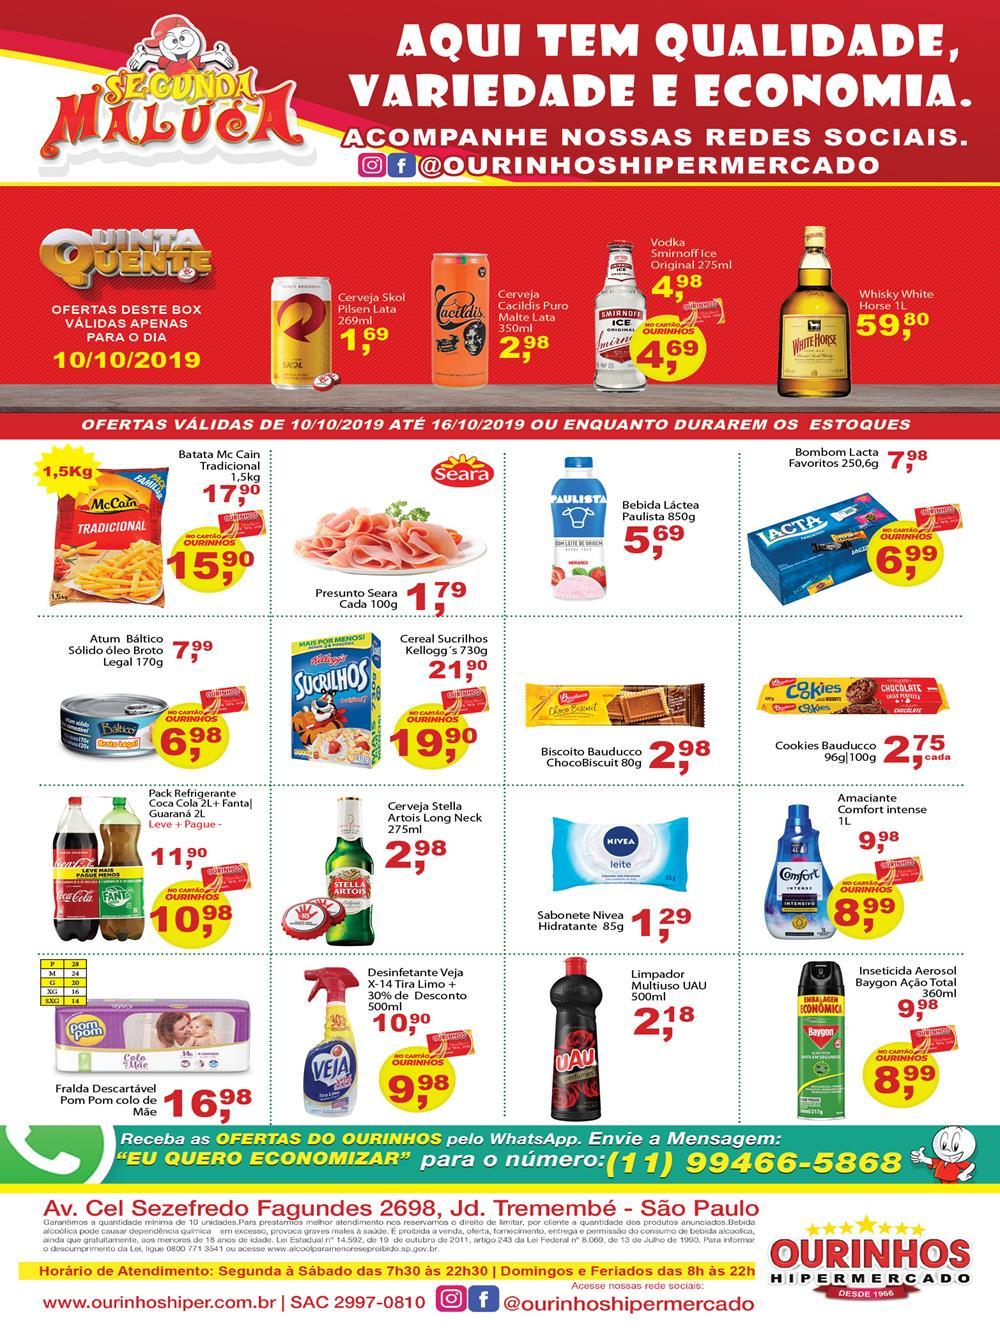 Ourinhos-Ofertas-Tabloide1 Ofertas de supermercados - Black Friday 2019